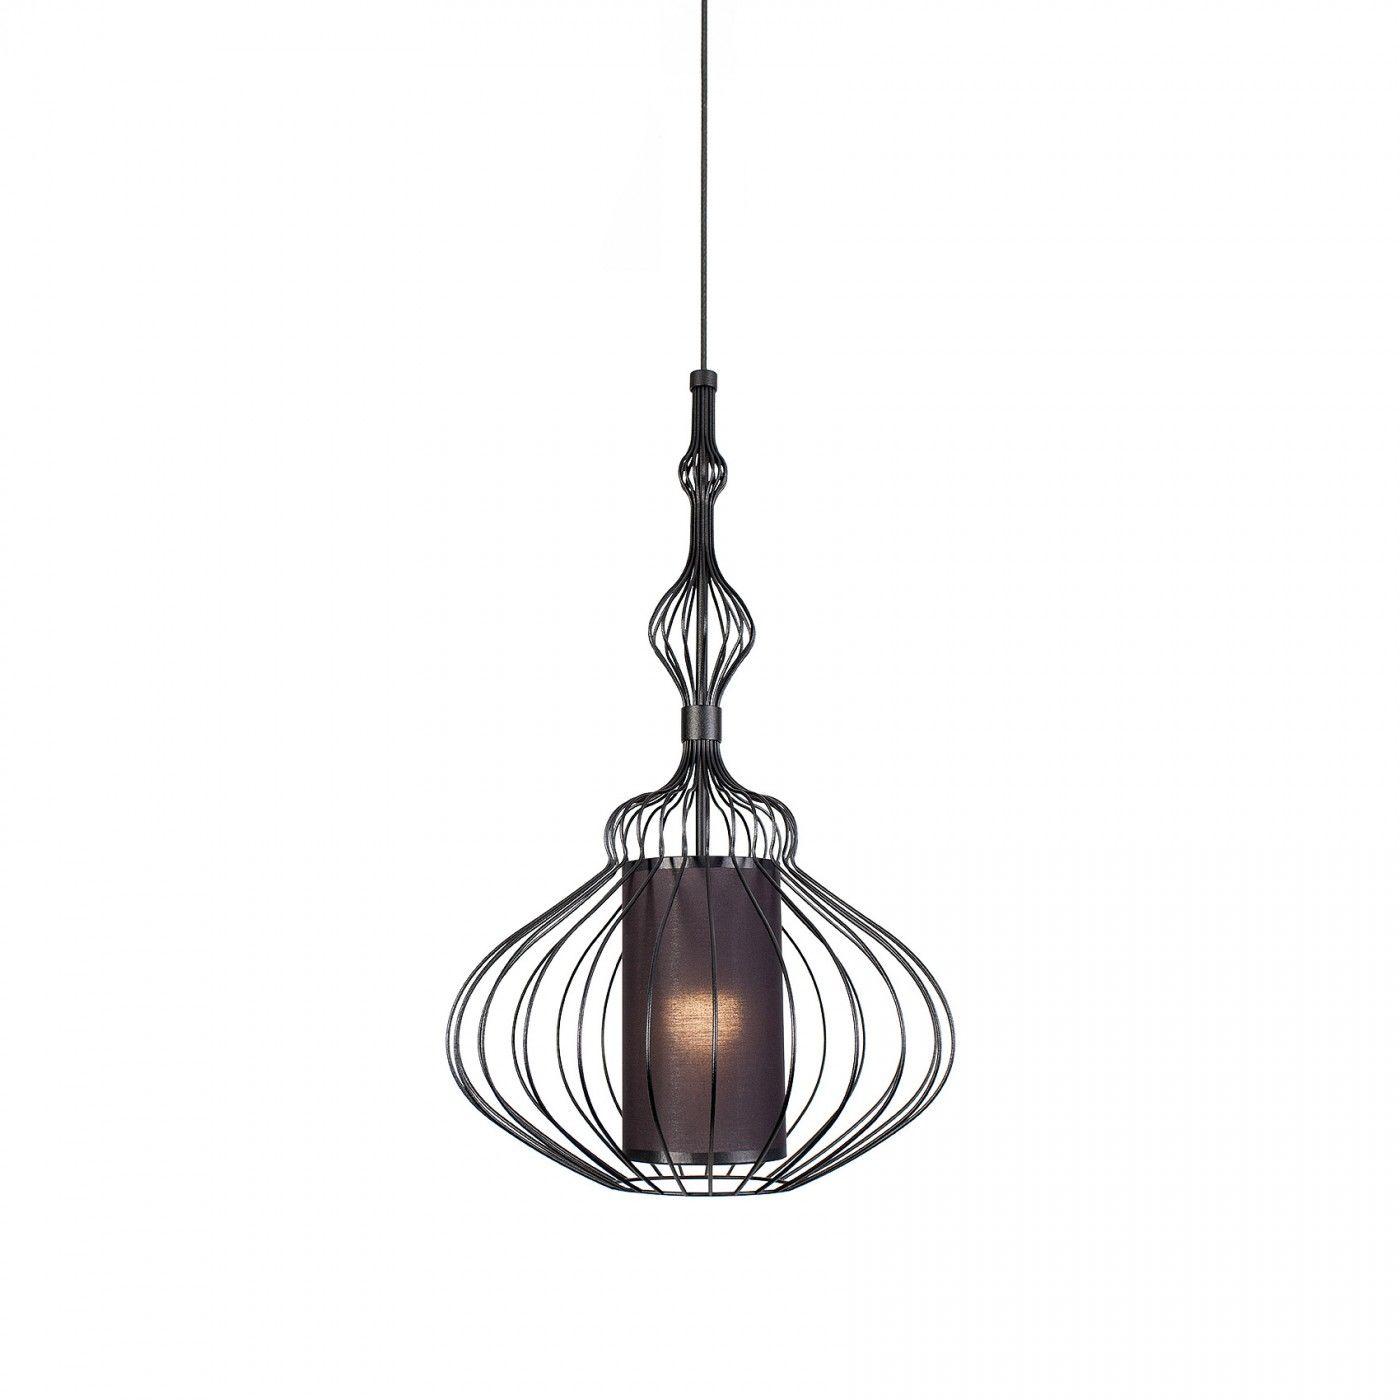 Lampa wisząca Abi M 8866 BL Nowodvorski Lighting ażurowa druciana oprawa w kolorze czarnym